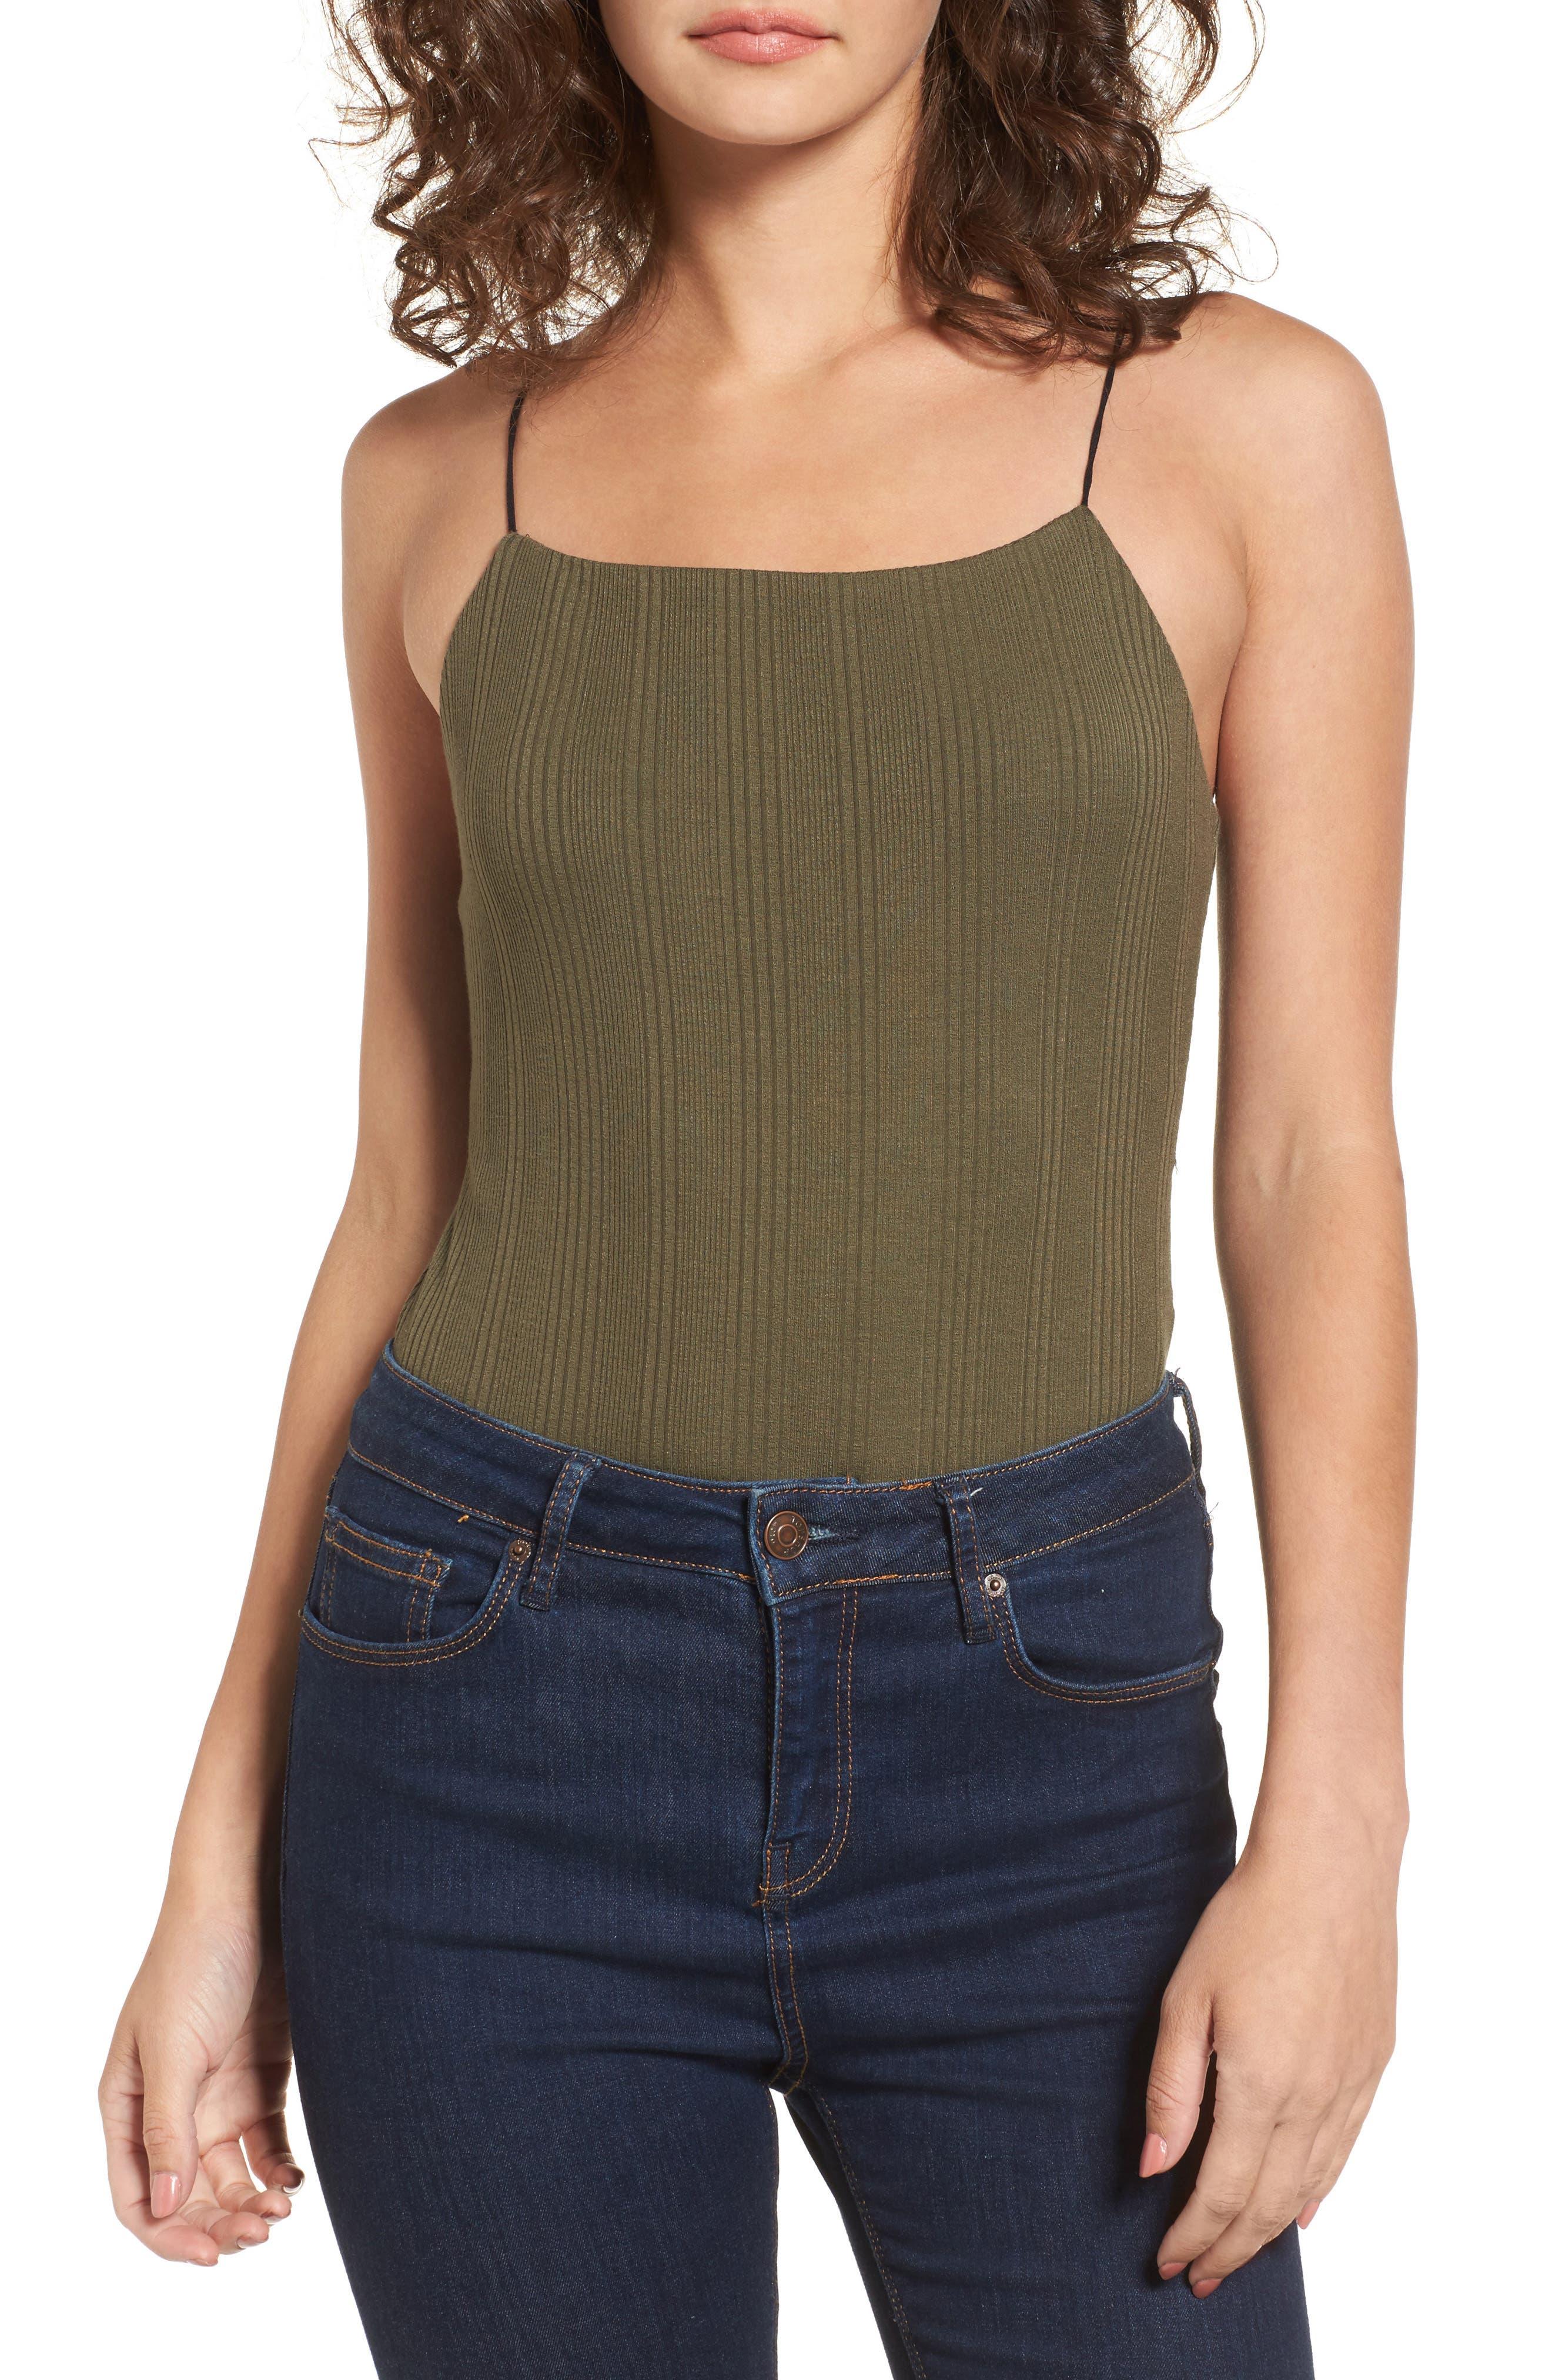 Lush Strappy Bodysuit